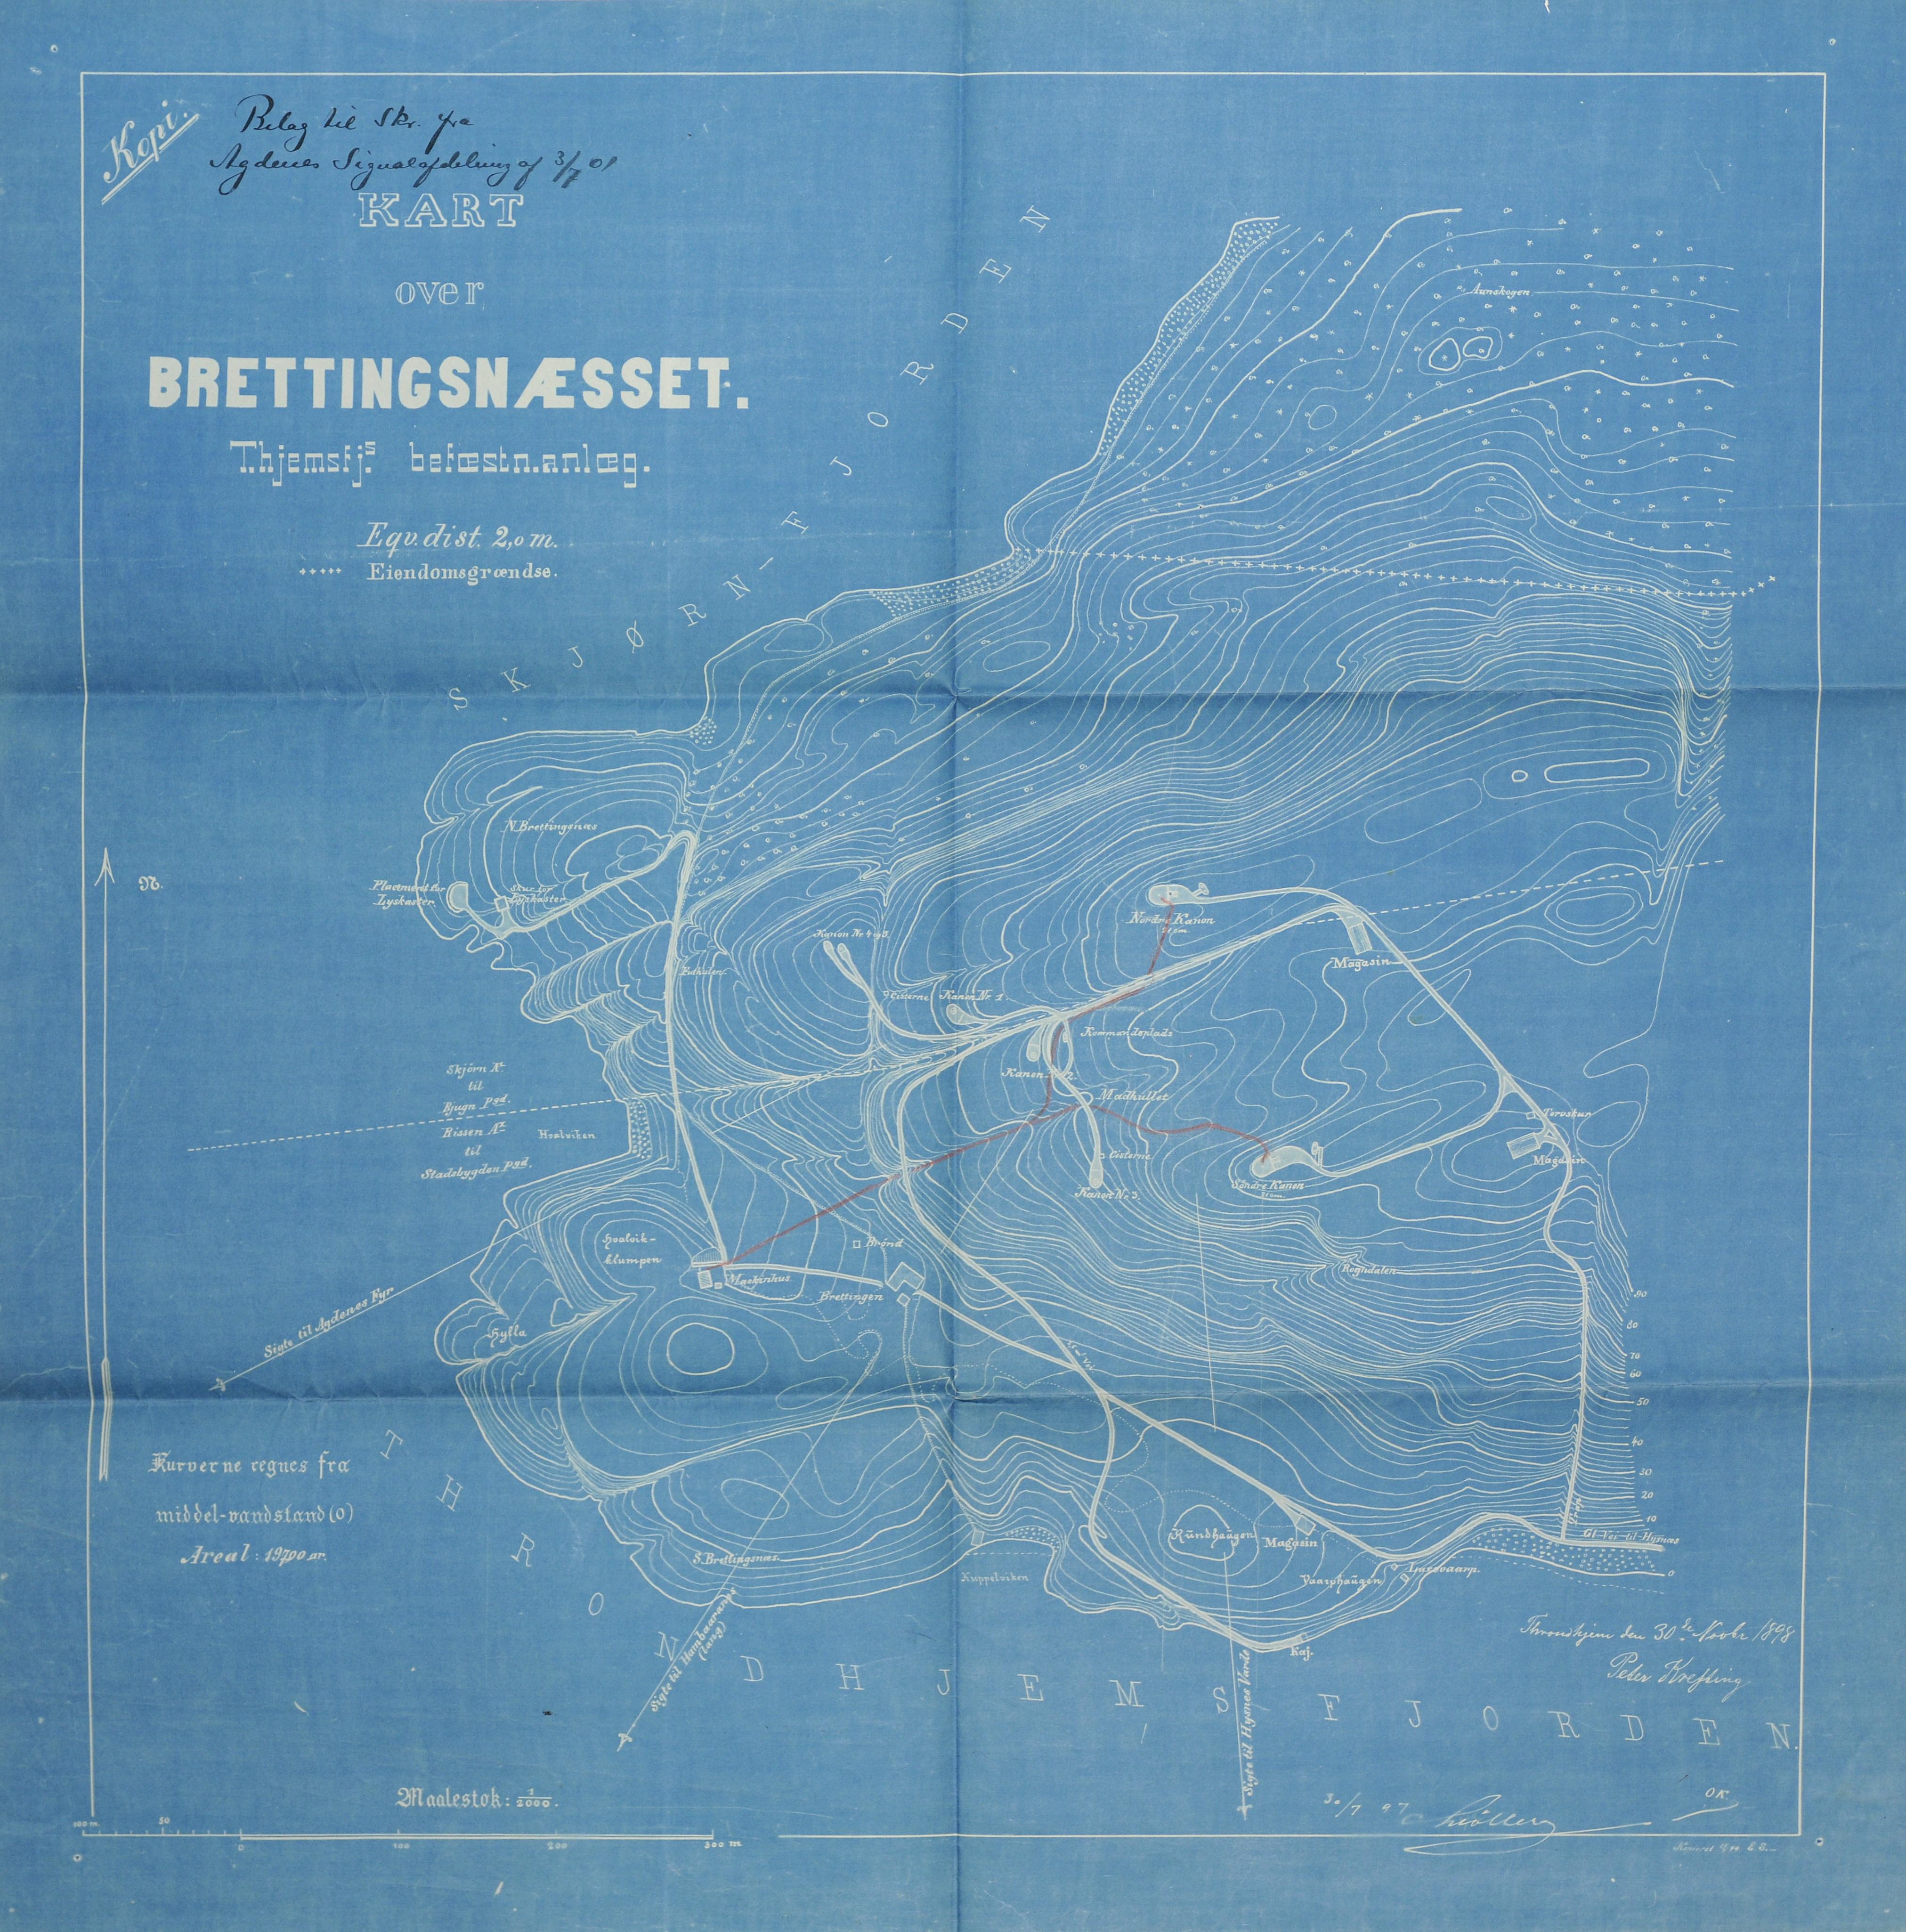 File Kart Over Brettingsnesset Jpeg Wikimedia Commons